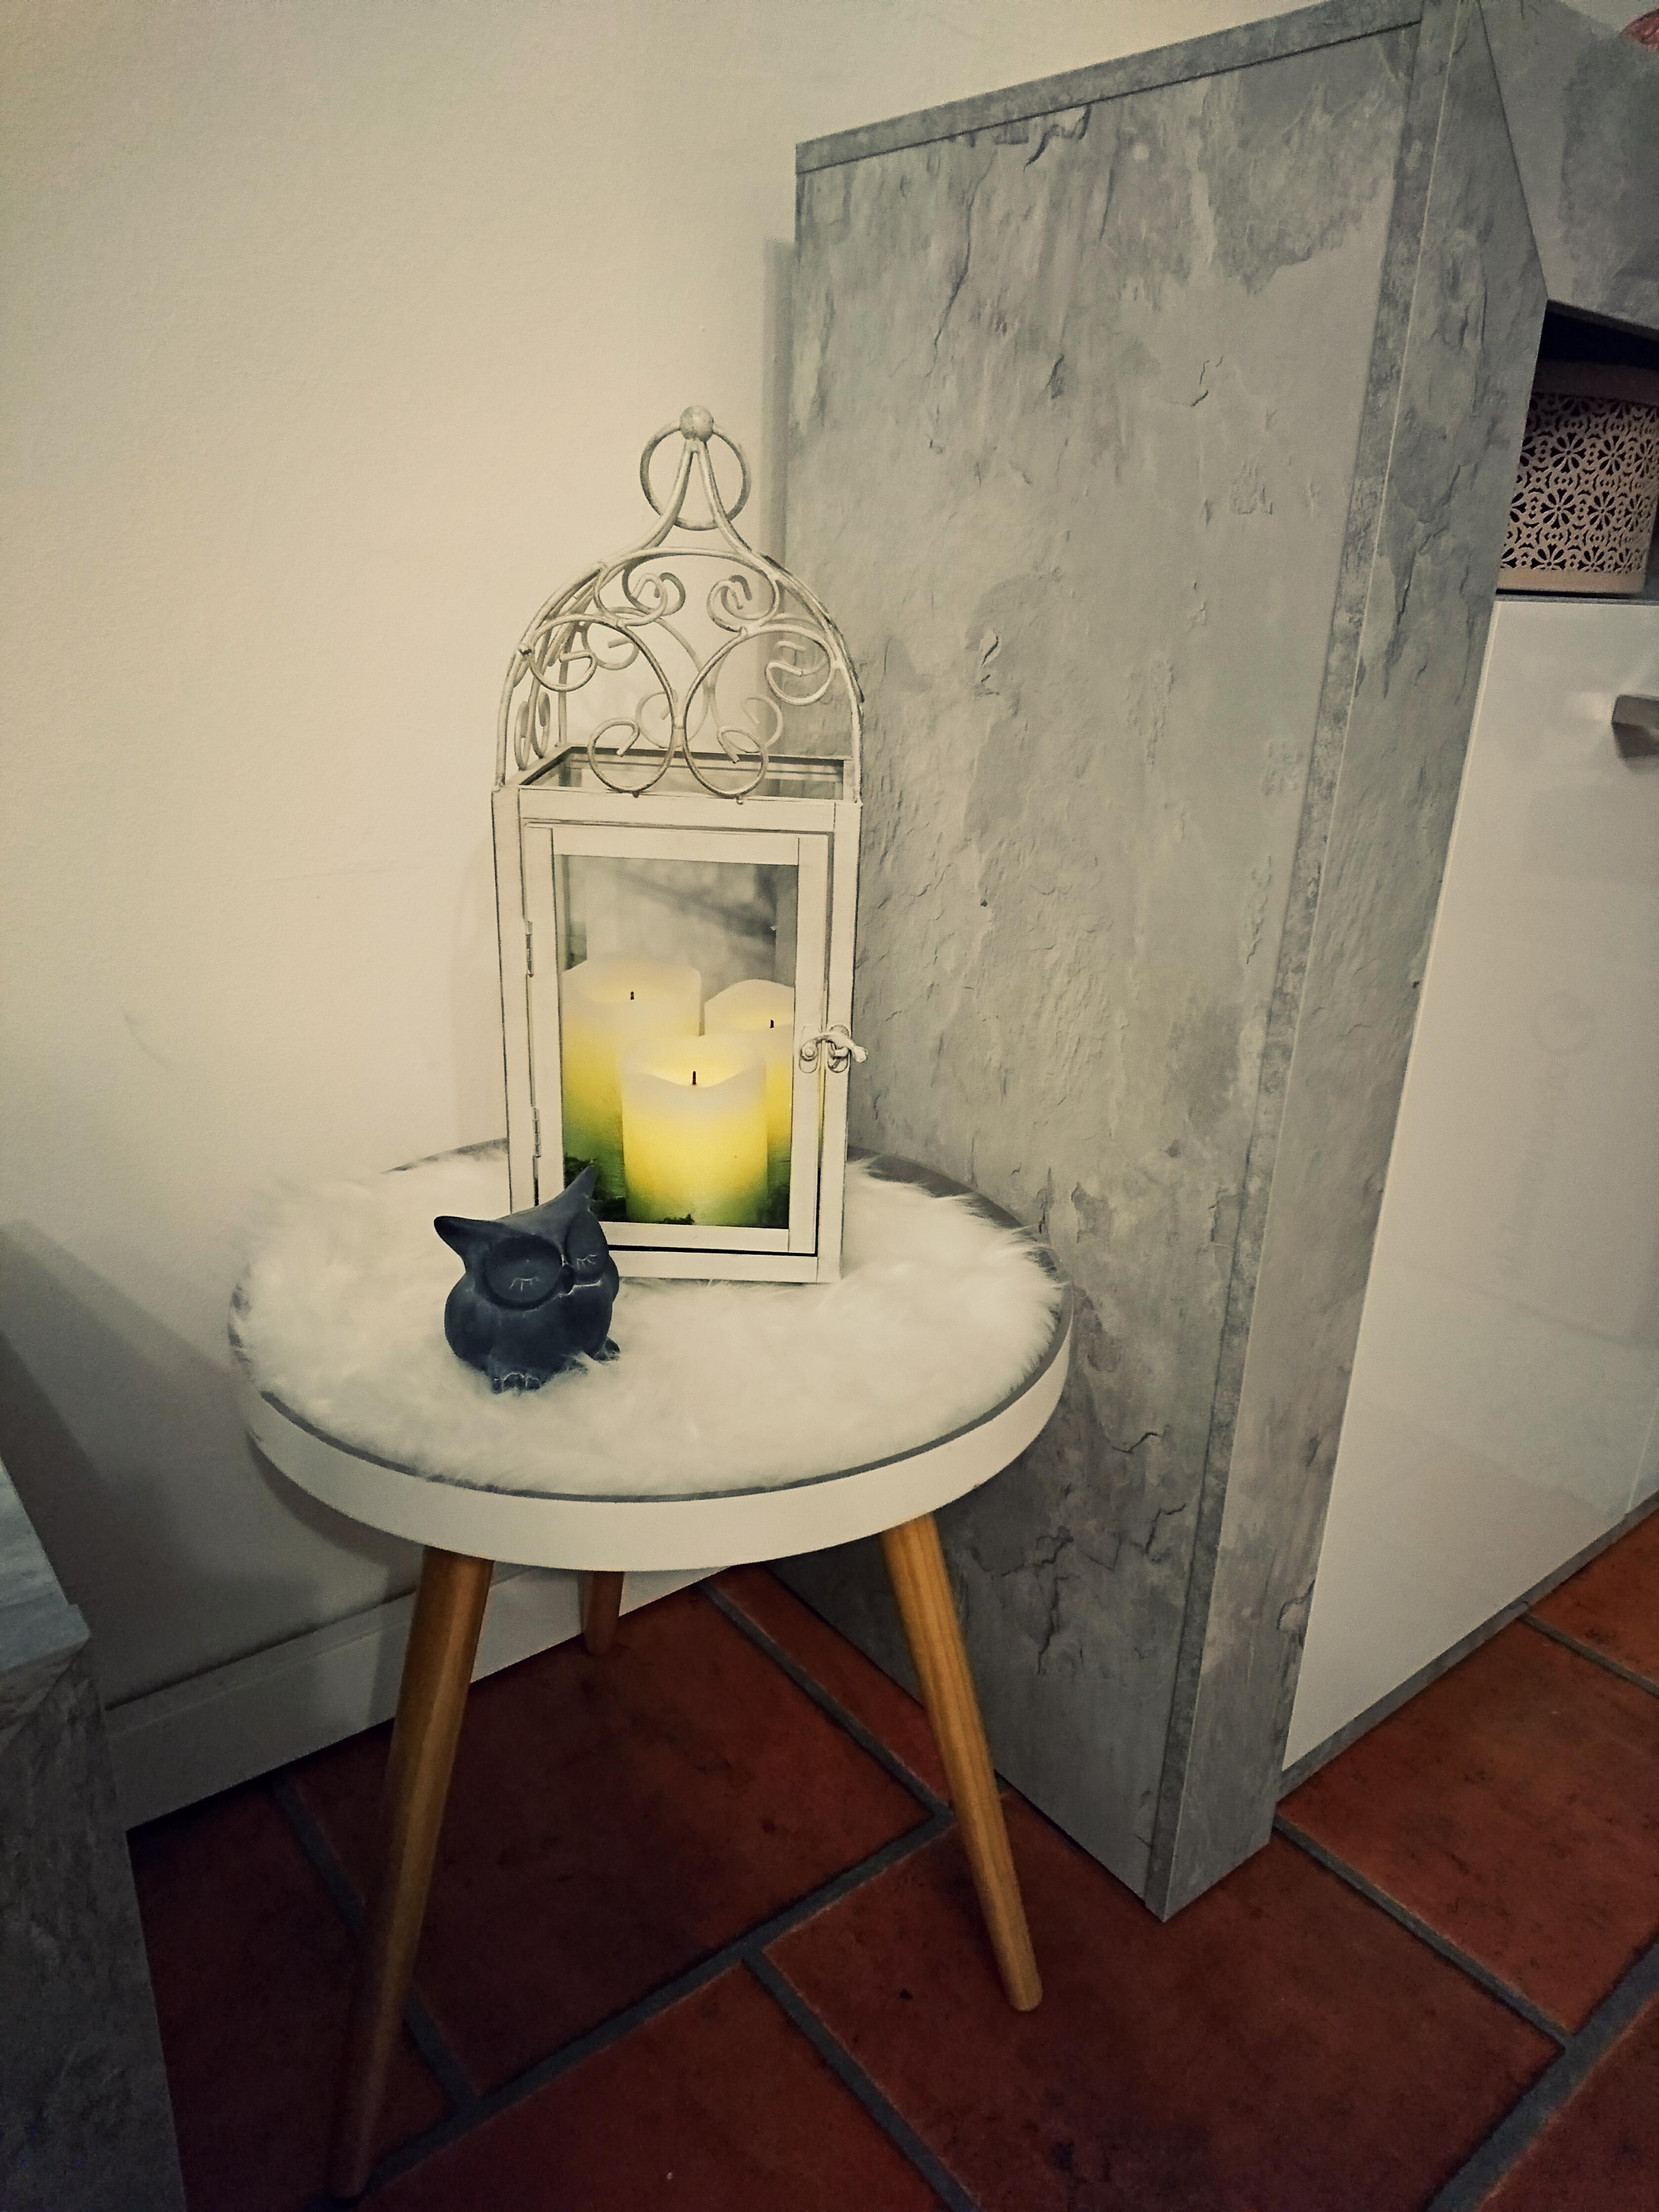 Wohnzimmer Grau Weiss Laterne Kerzen Eule Couch